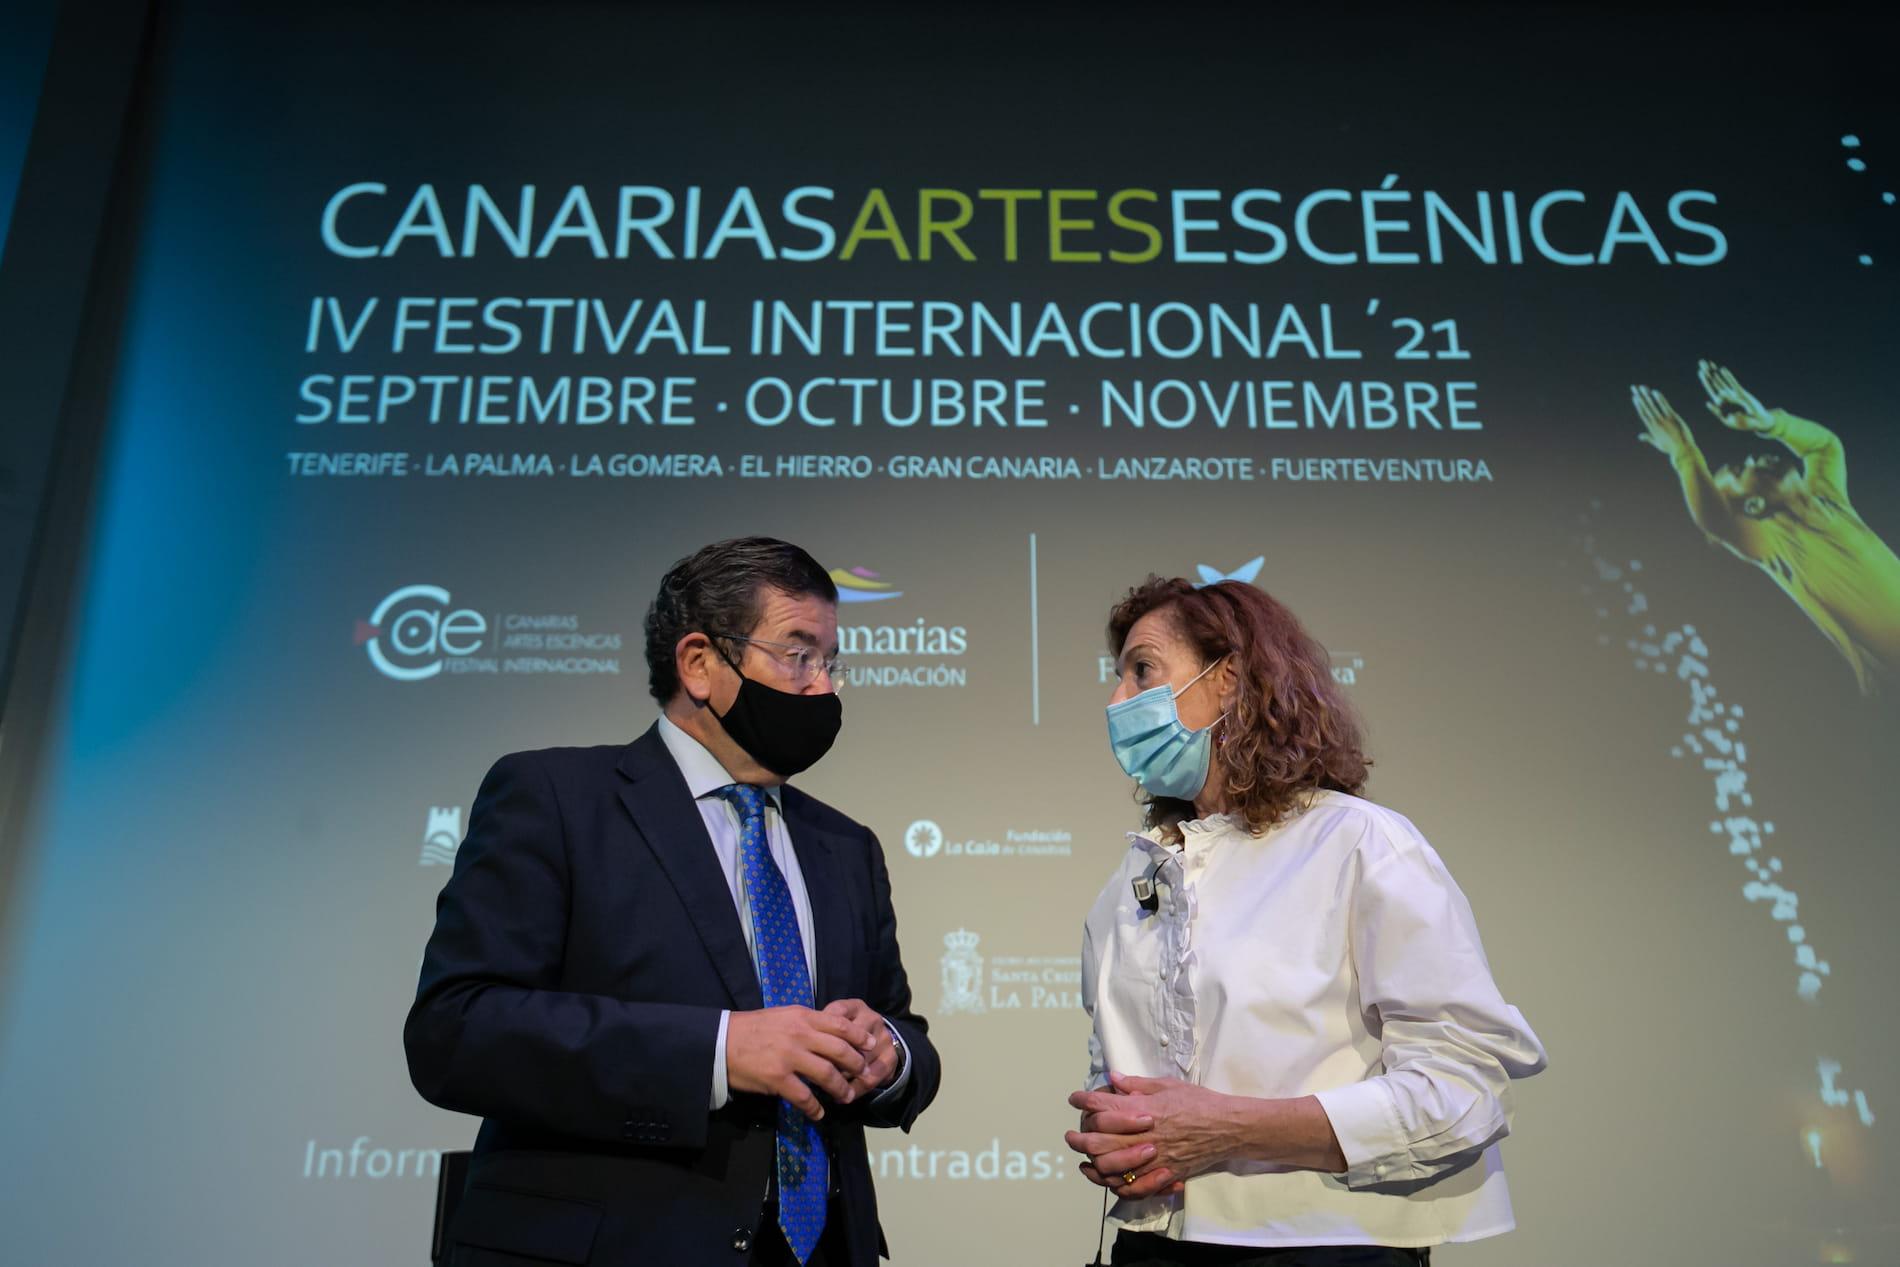 cajacanarias iv festival canarias artes escenicas2021 1